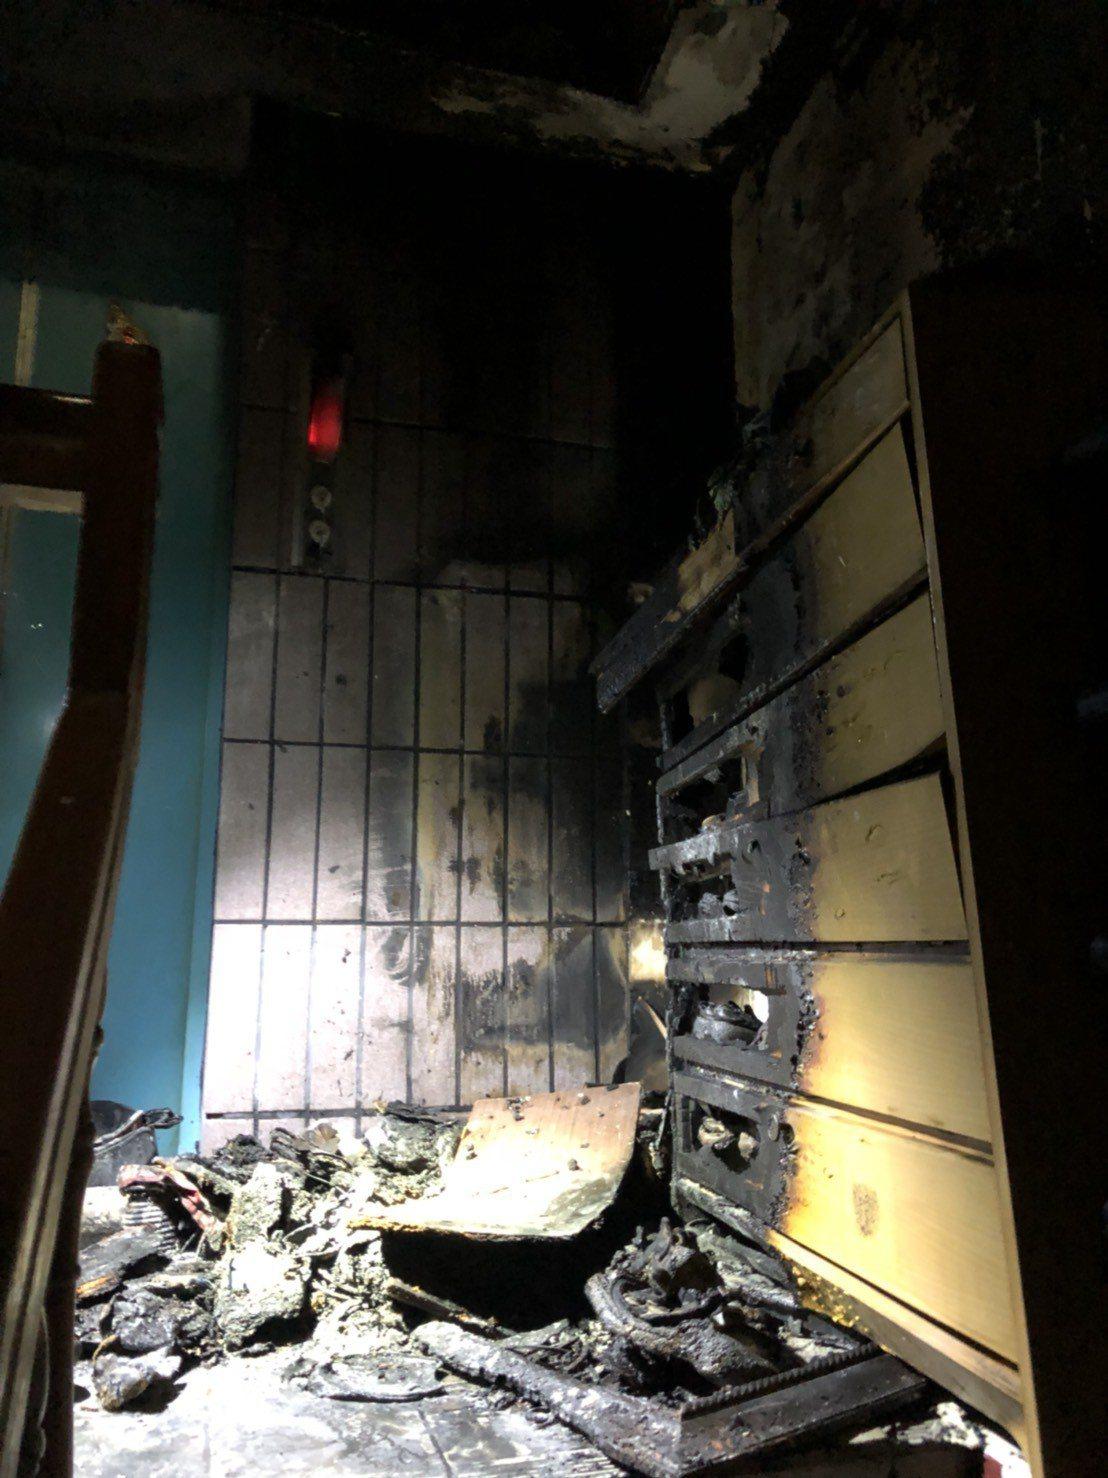 起火點疑似4樓樓梯間的鞋櫃。記者林伯驊/翻攝